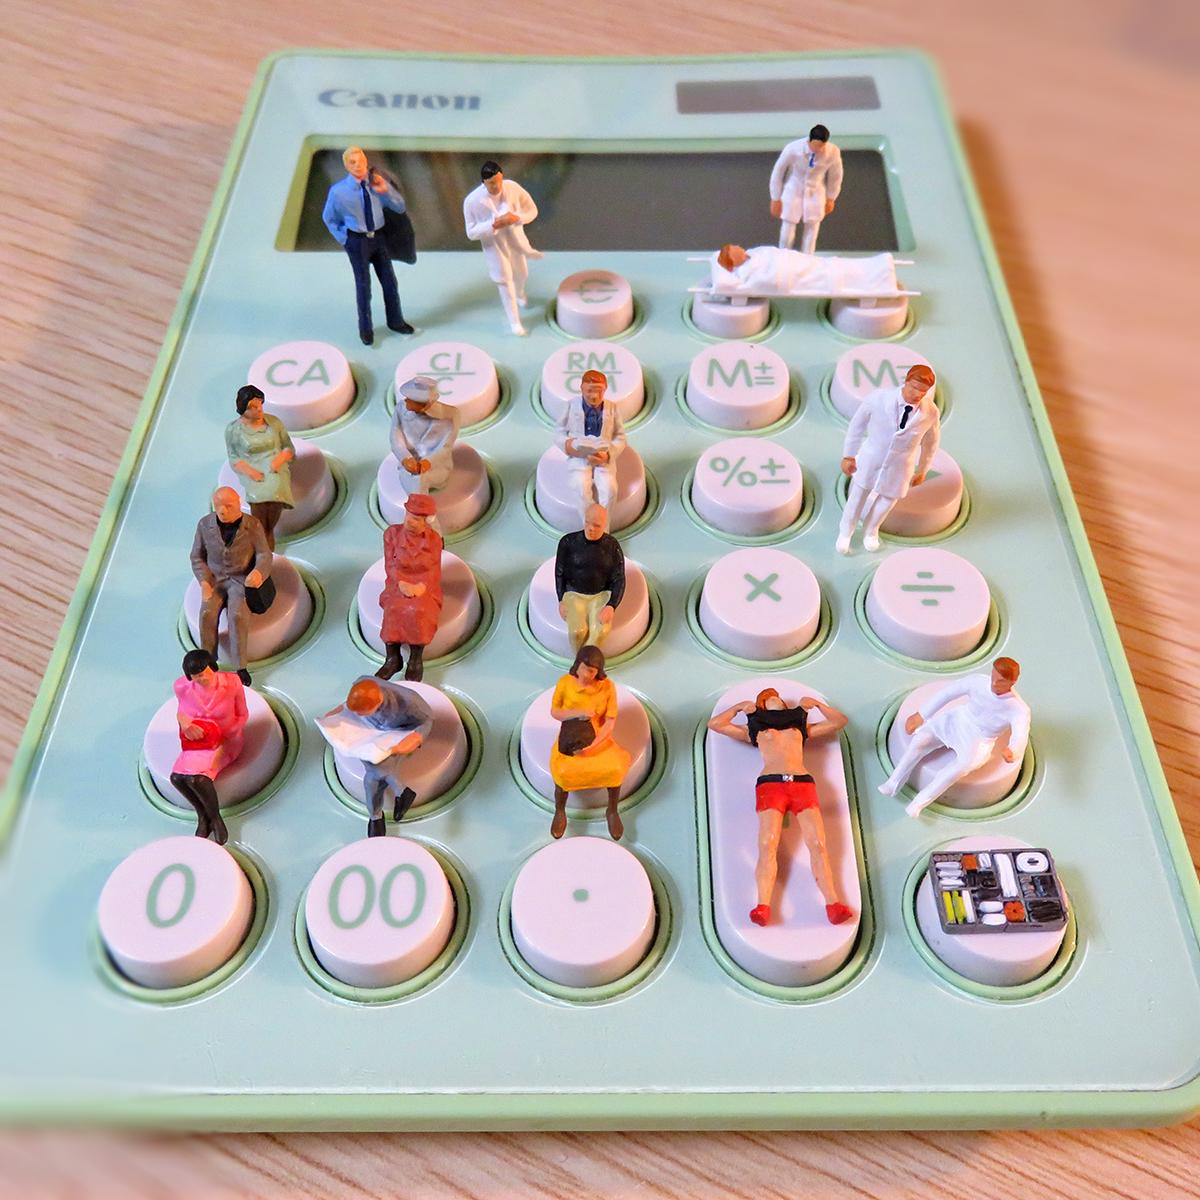 3月20日は電卓の日!大混雑のキャノン電卓病院